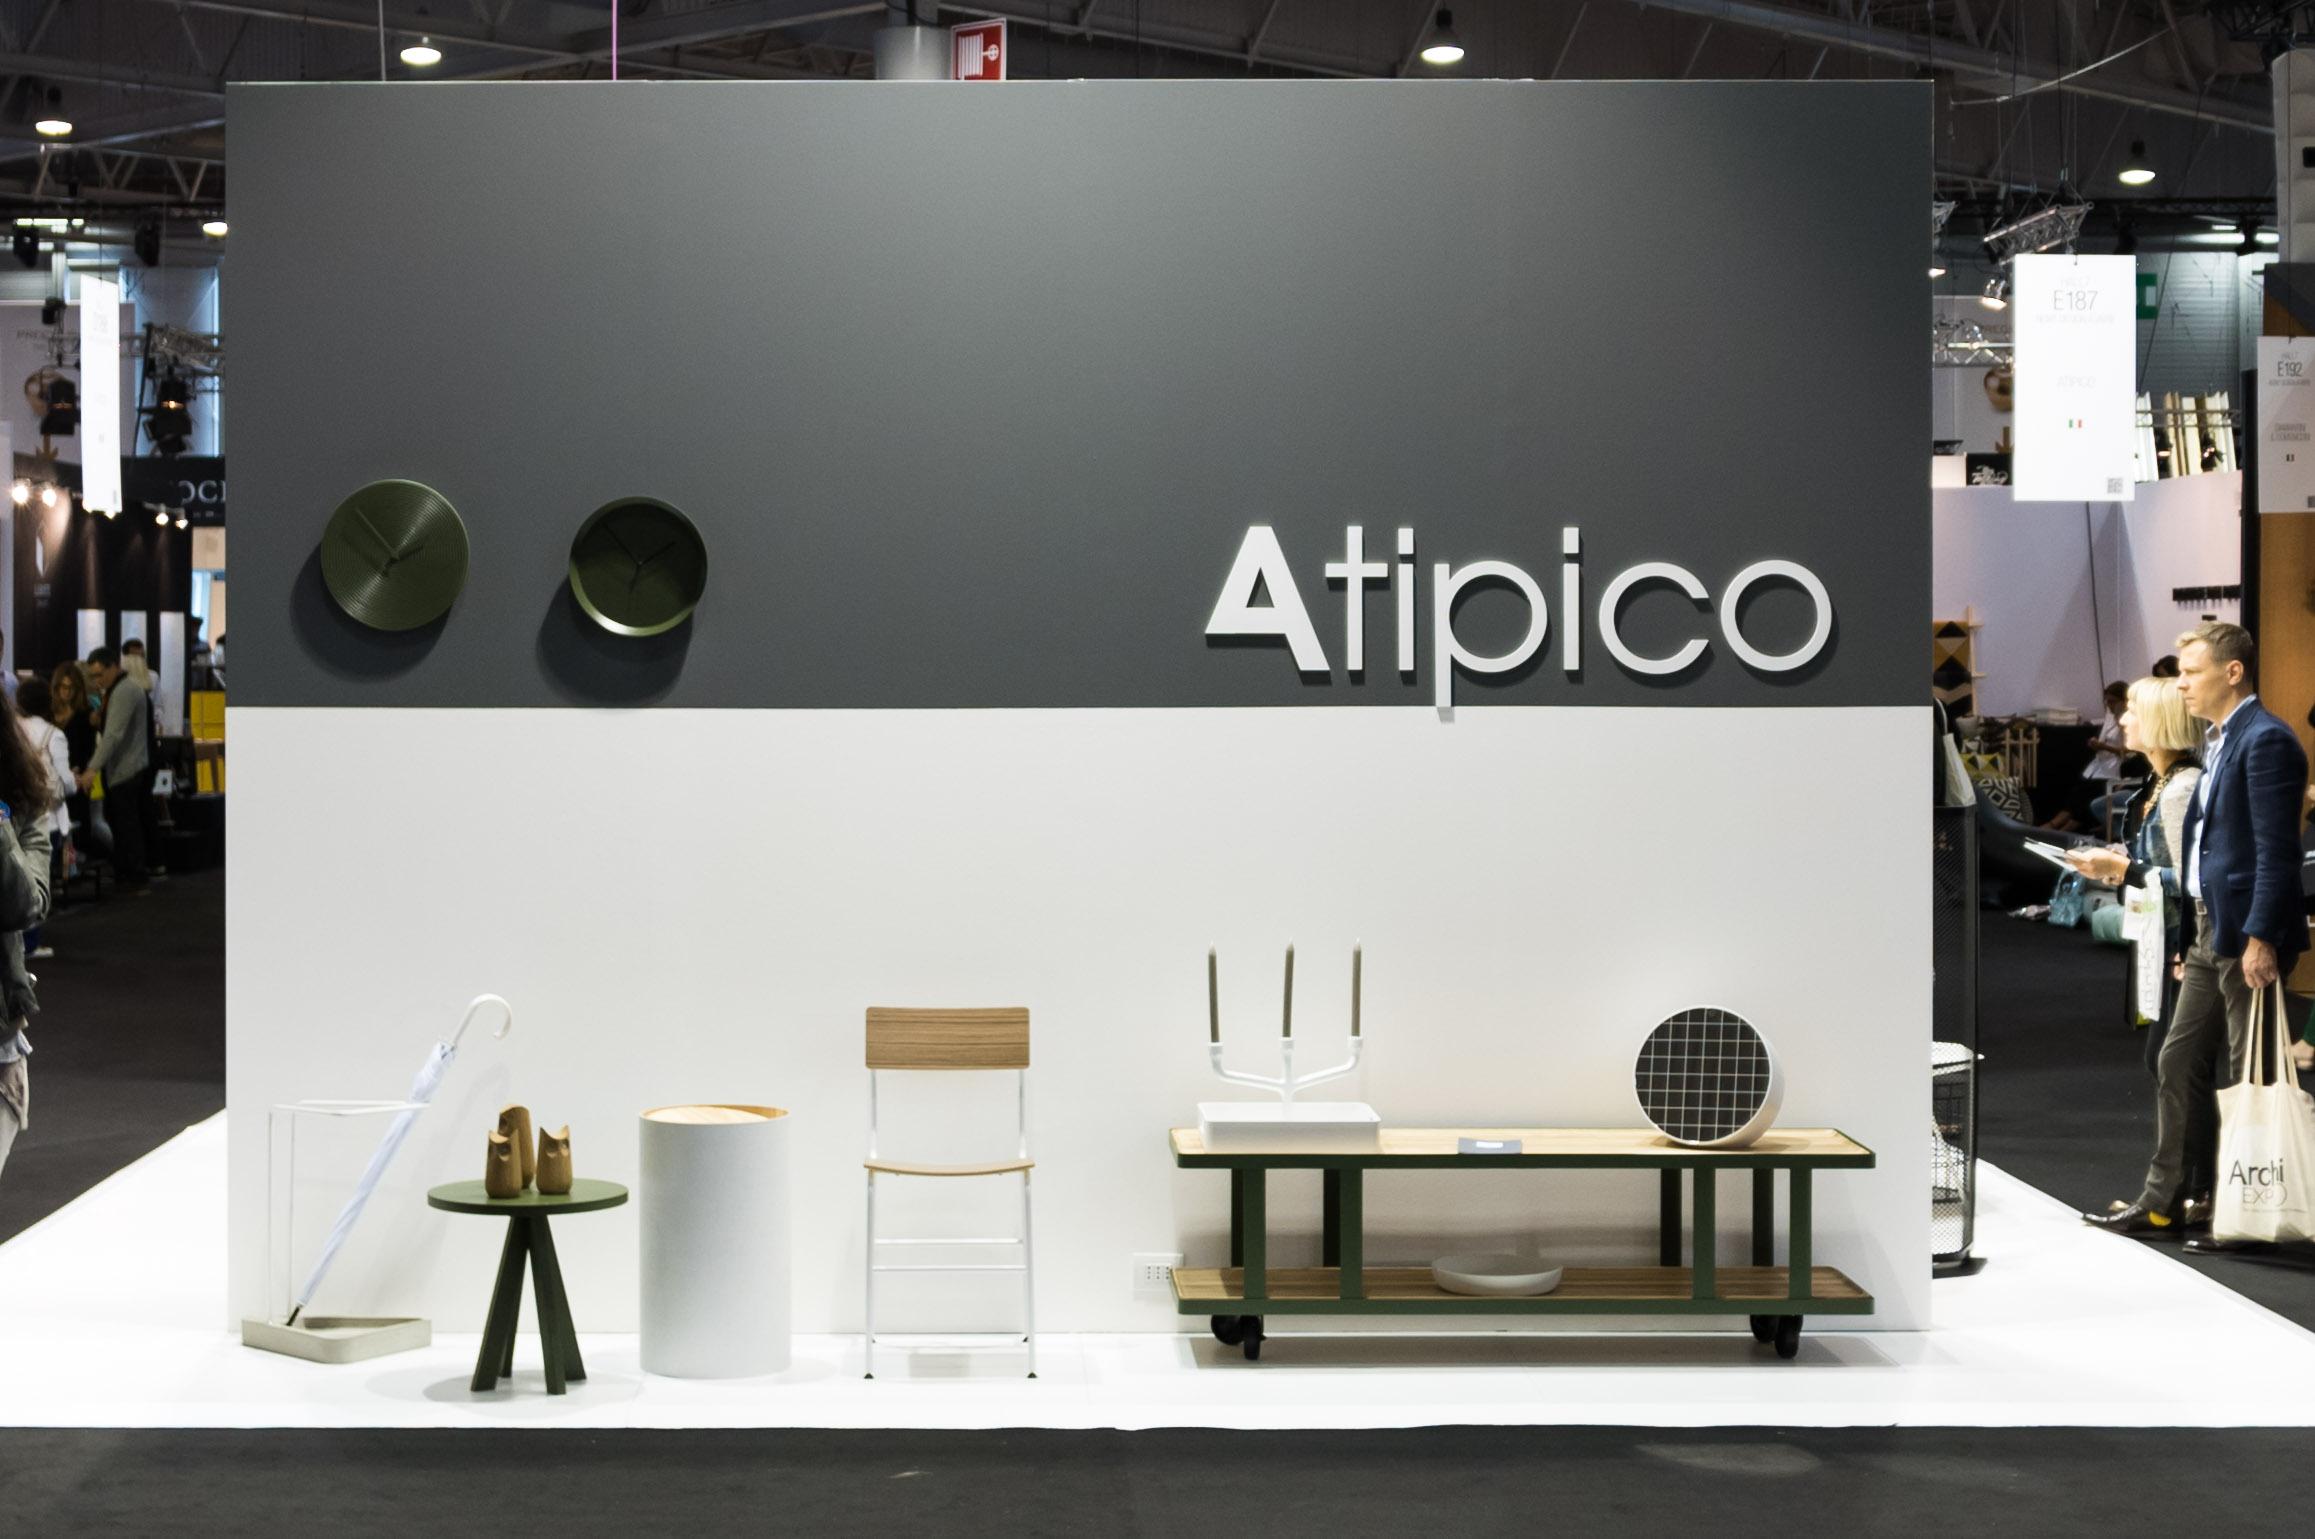 Maison et Object_Altpico_.jpg